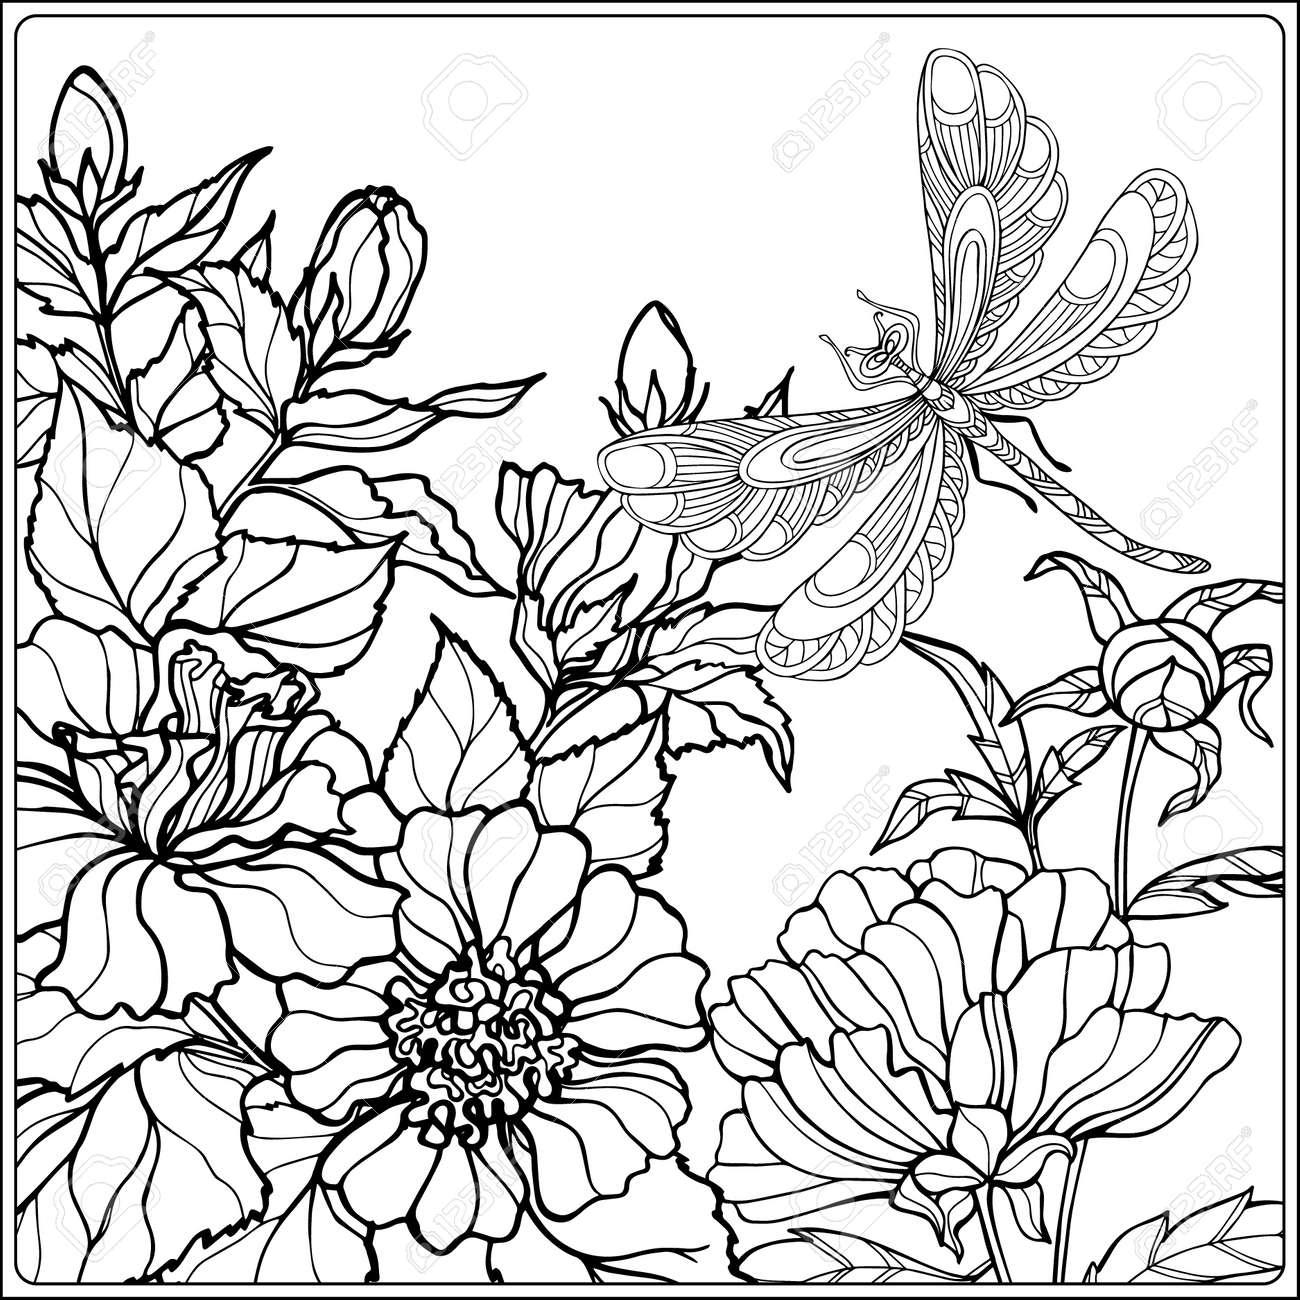 Dekorative Blumen Vögel Und Schmetterlinge Malbuch Für Erwachsene